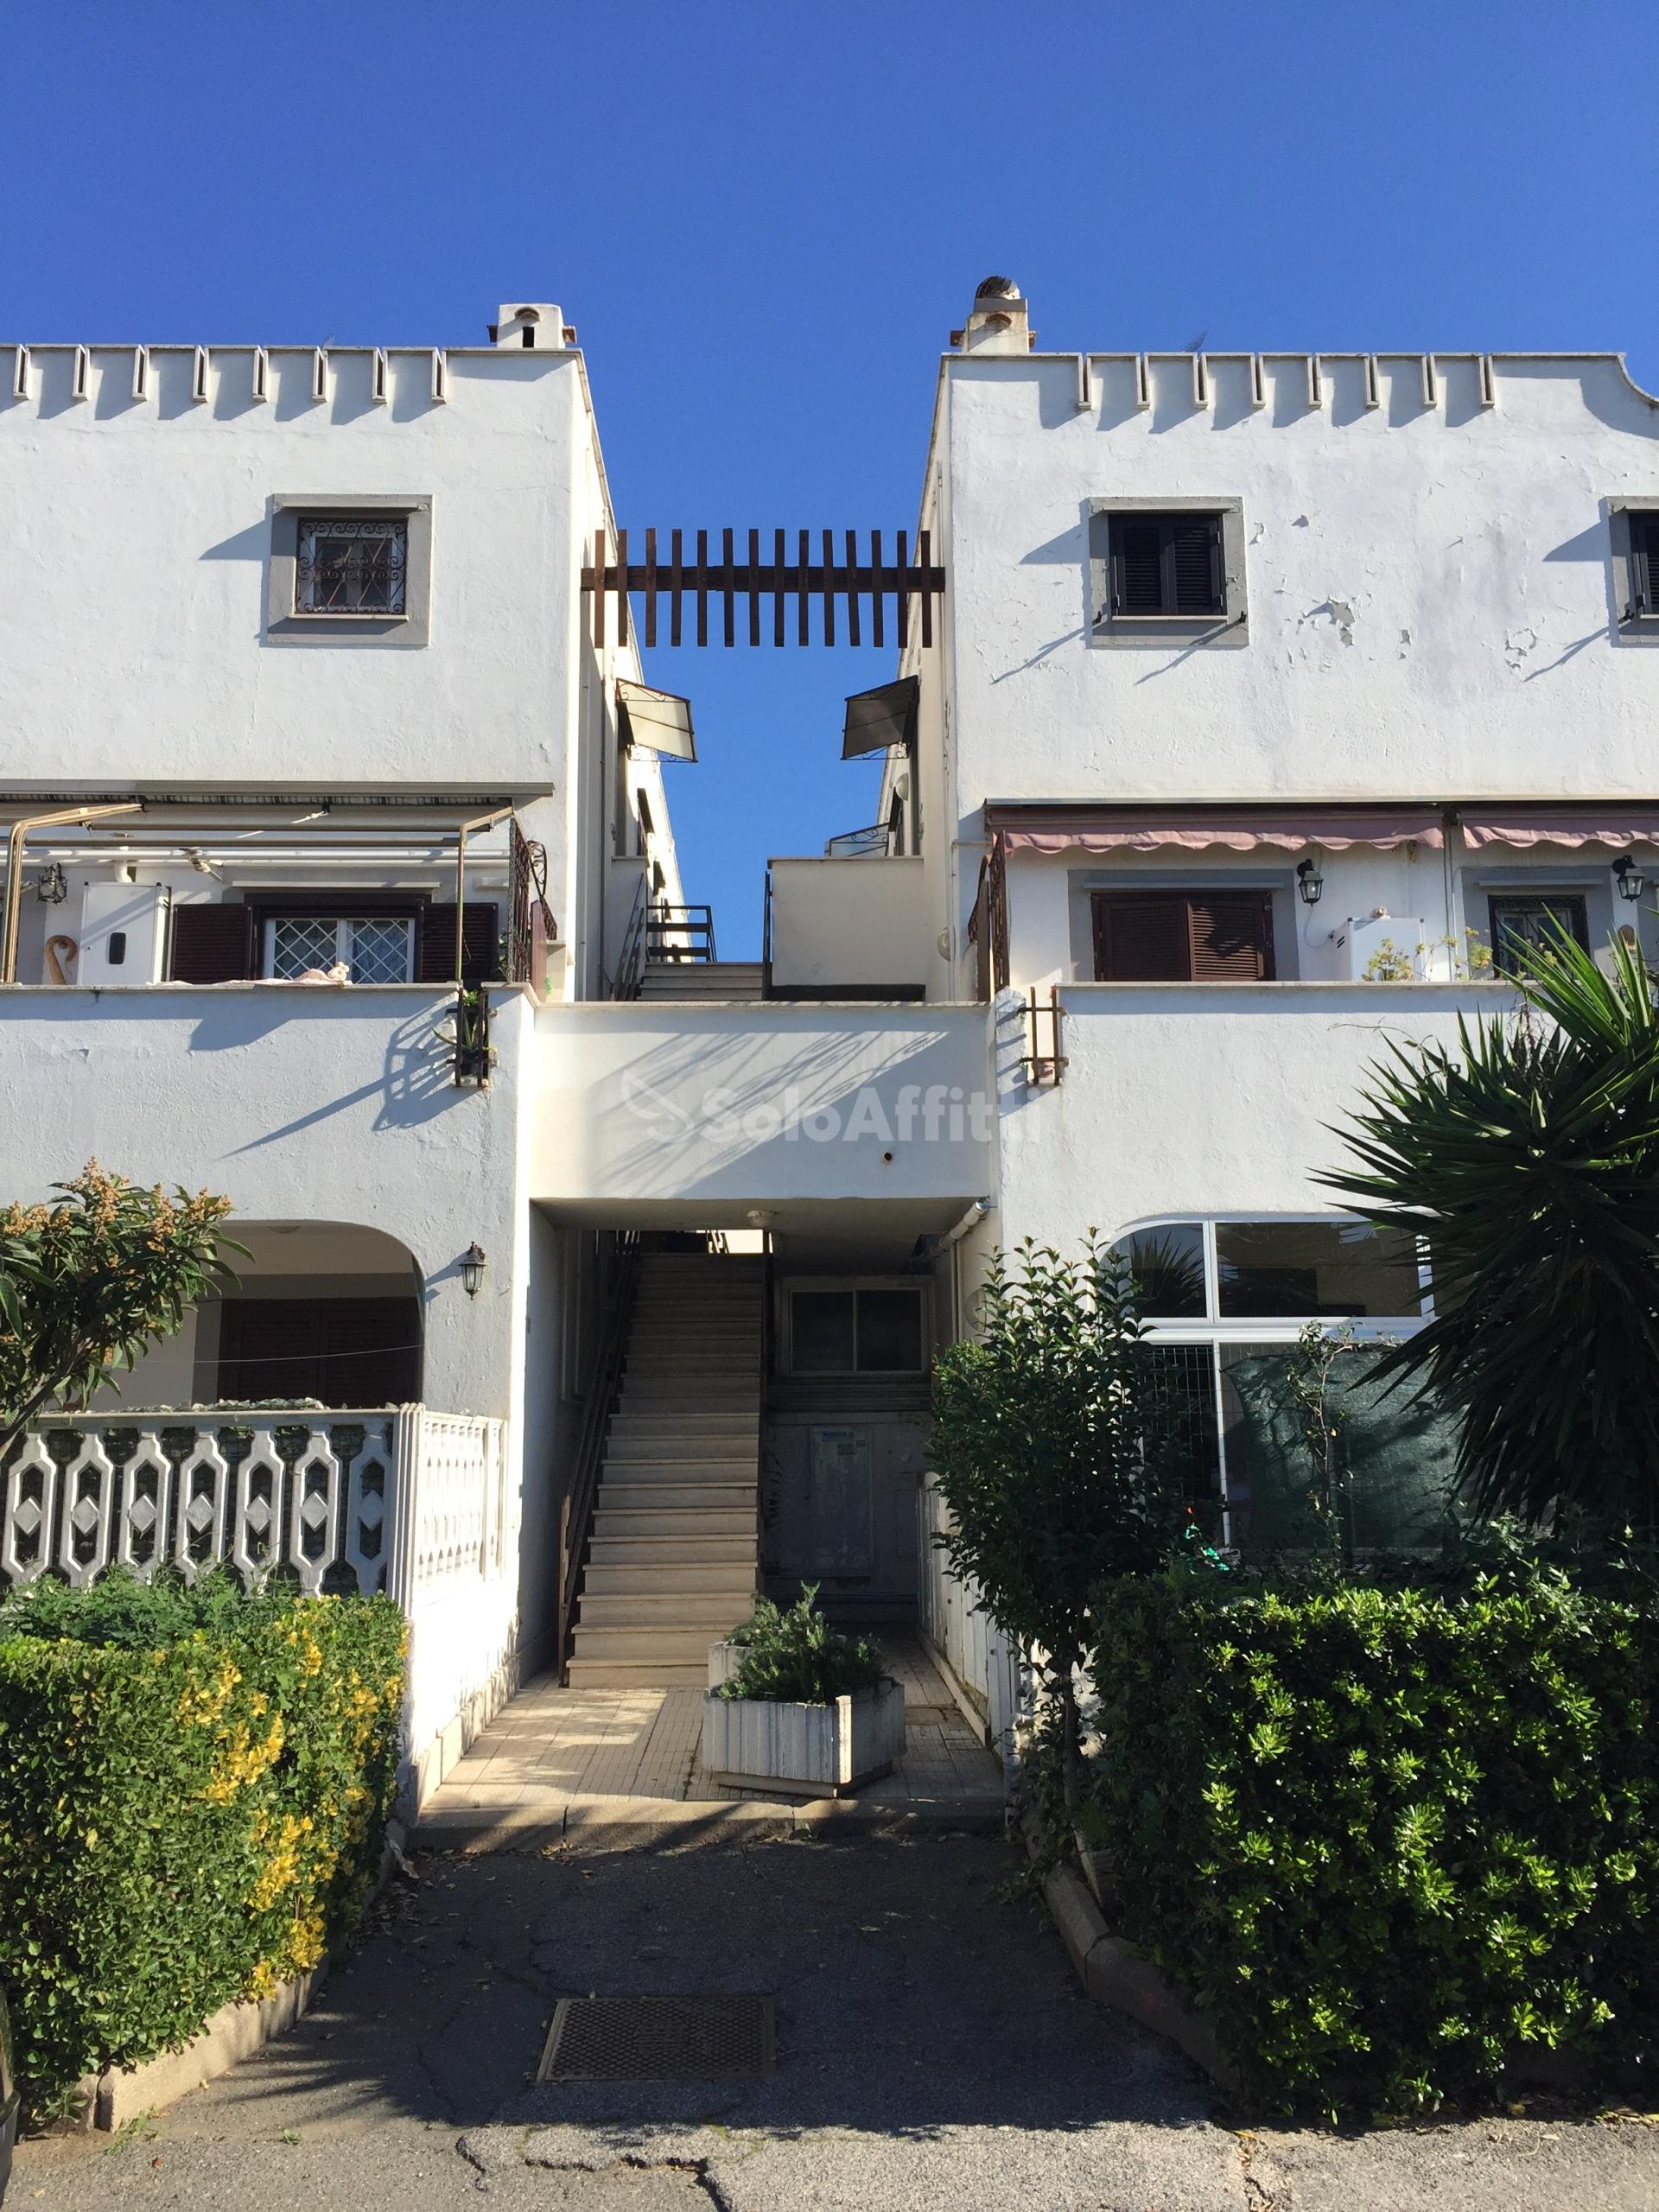 Affitto appartamento bilocale arredato for Affitto bilocale non arredato